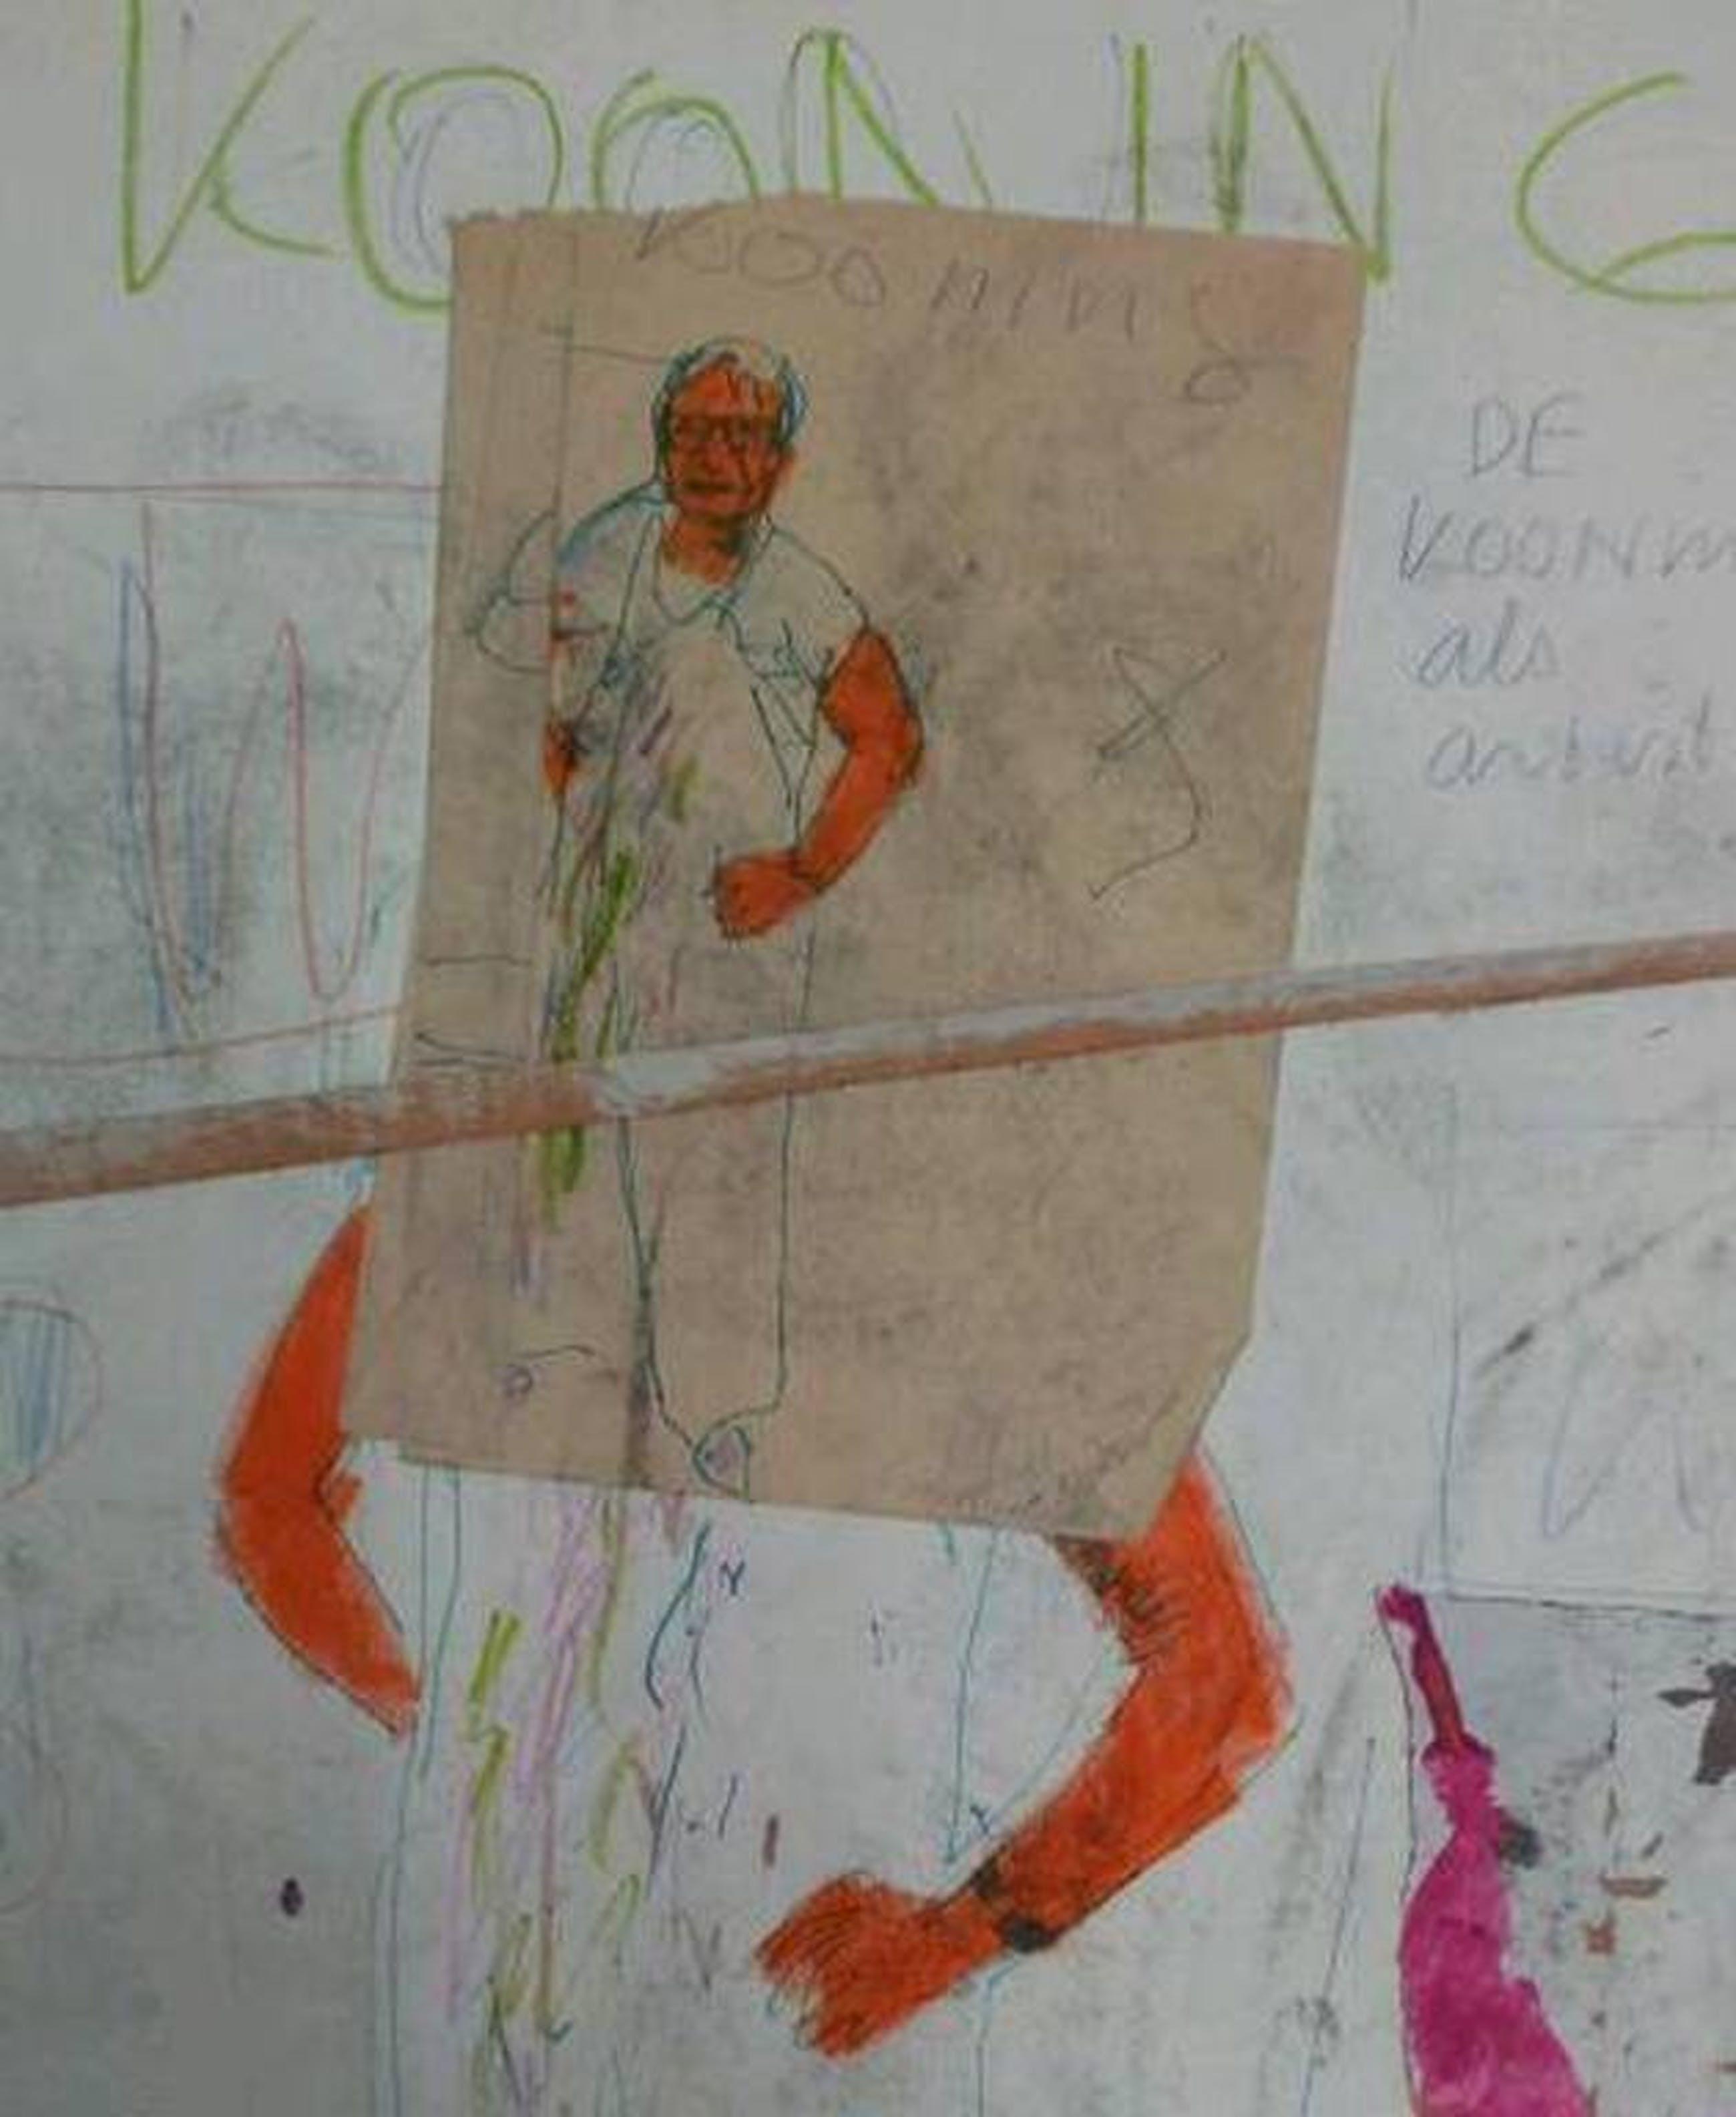 PETER KLASHORST - Gemengde Techniek '' (Willem) de Kooning als Artist - ZELDZAAM Vroeg werk - gedateerd '84 kopen? Bied vanaf 99!